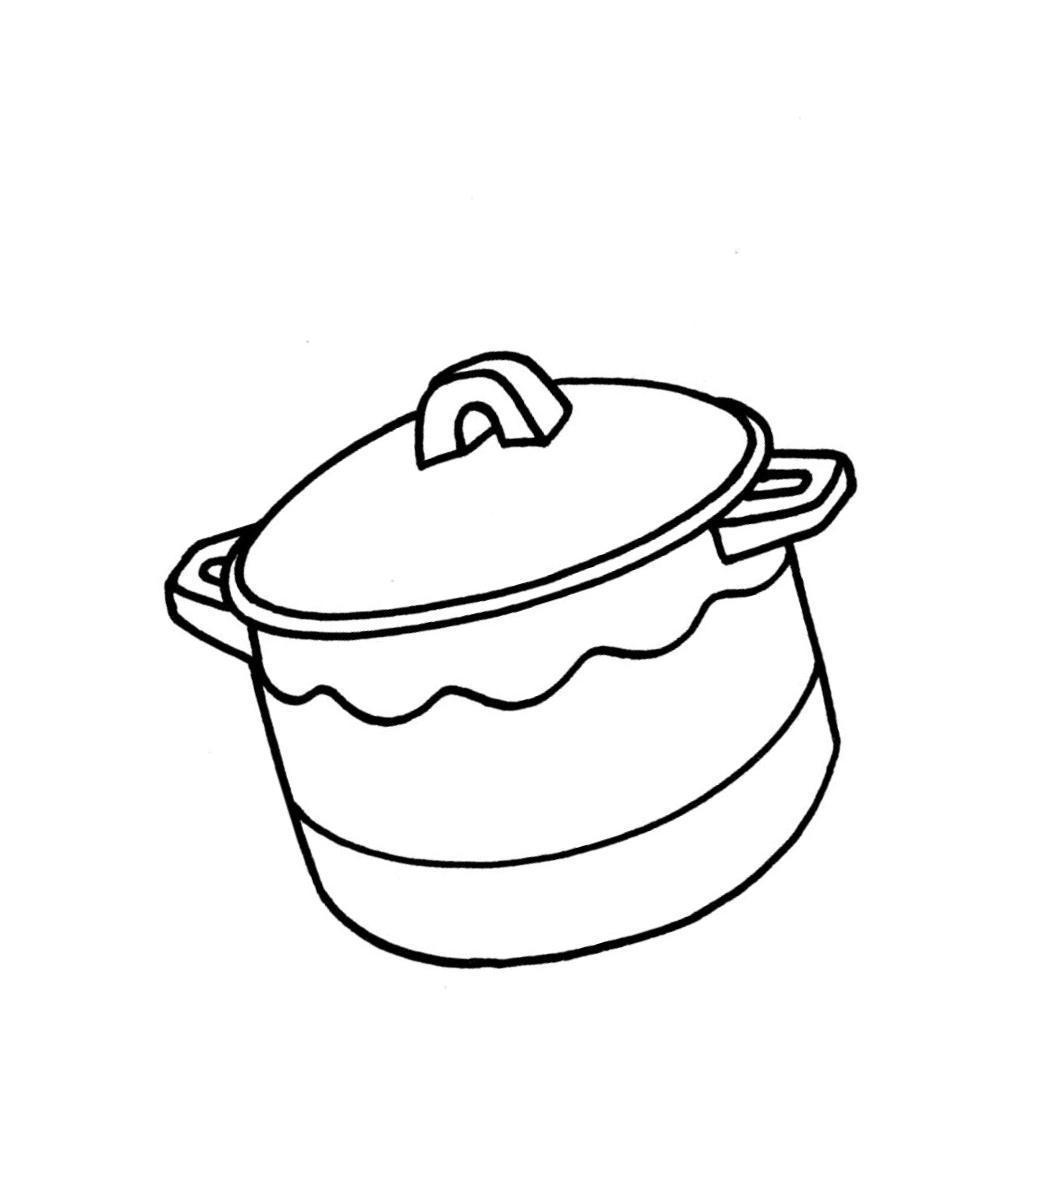 Раскраски посуда детская раскраска посуда,  кастрюля